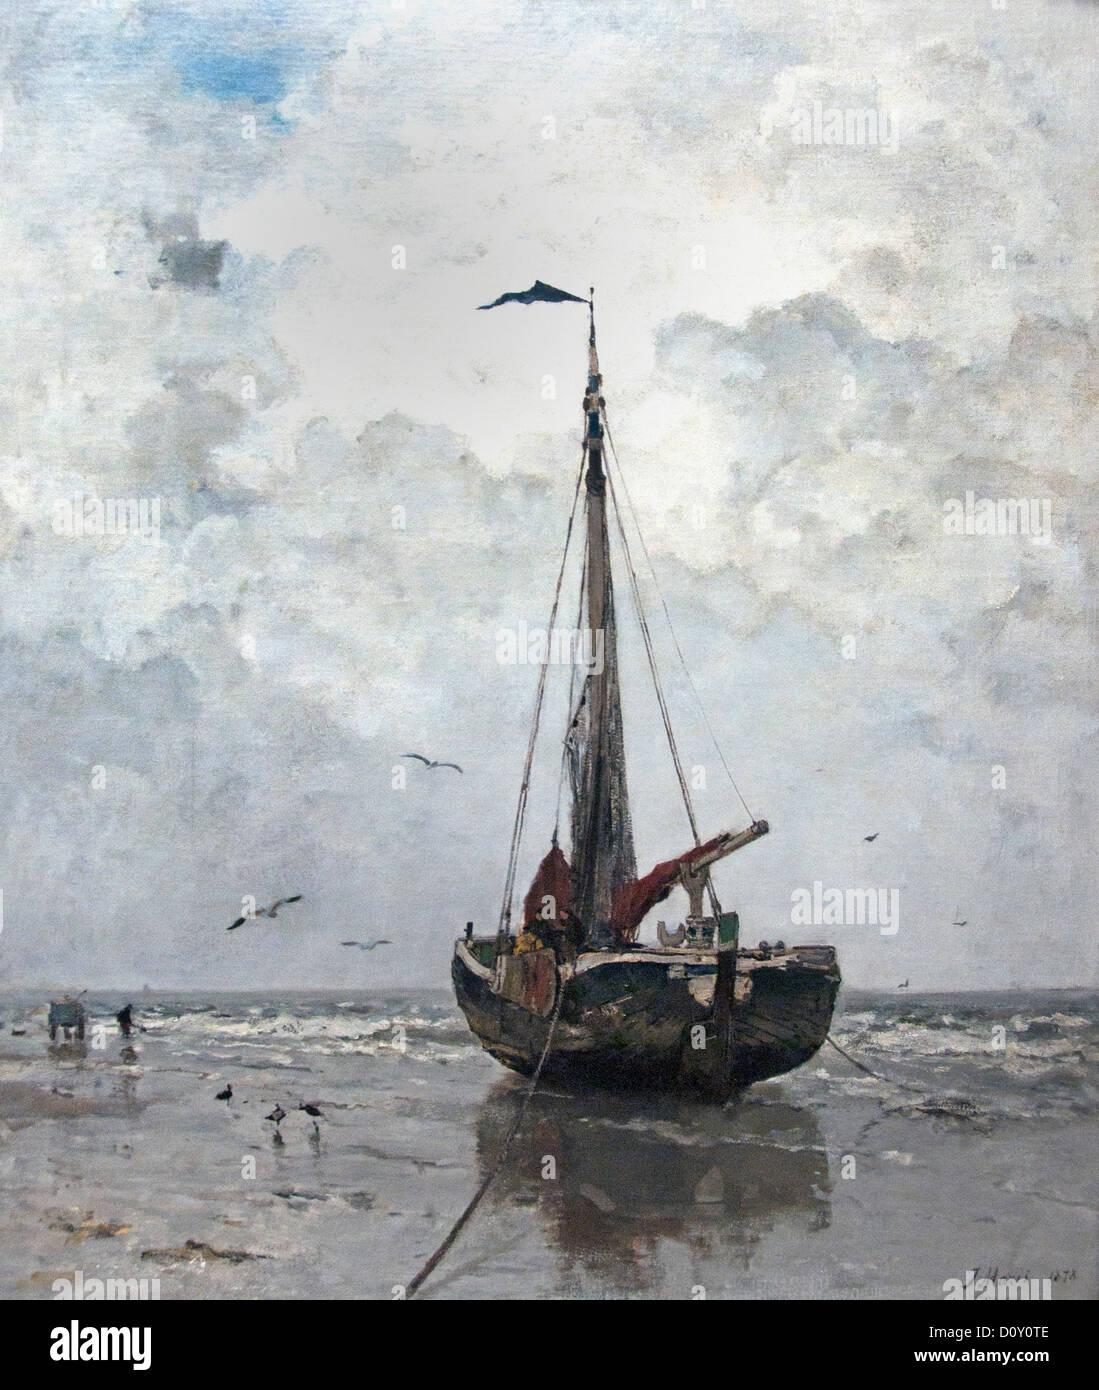 Angeln Boot 1878 Jacobus (Jacob) Hendricus Maris 1837-1899 (Angeln Boote Scheveningen den Haag Niederlande Meer) Stockbild